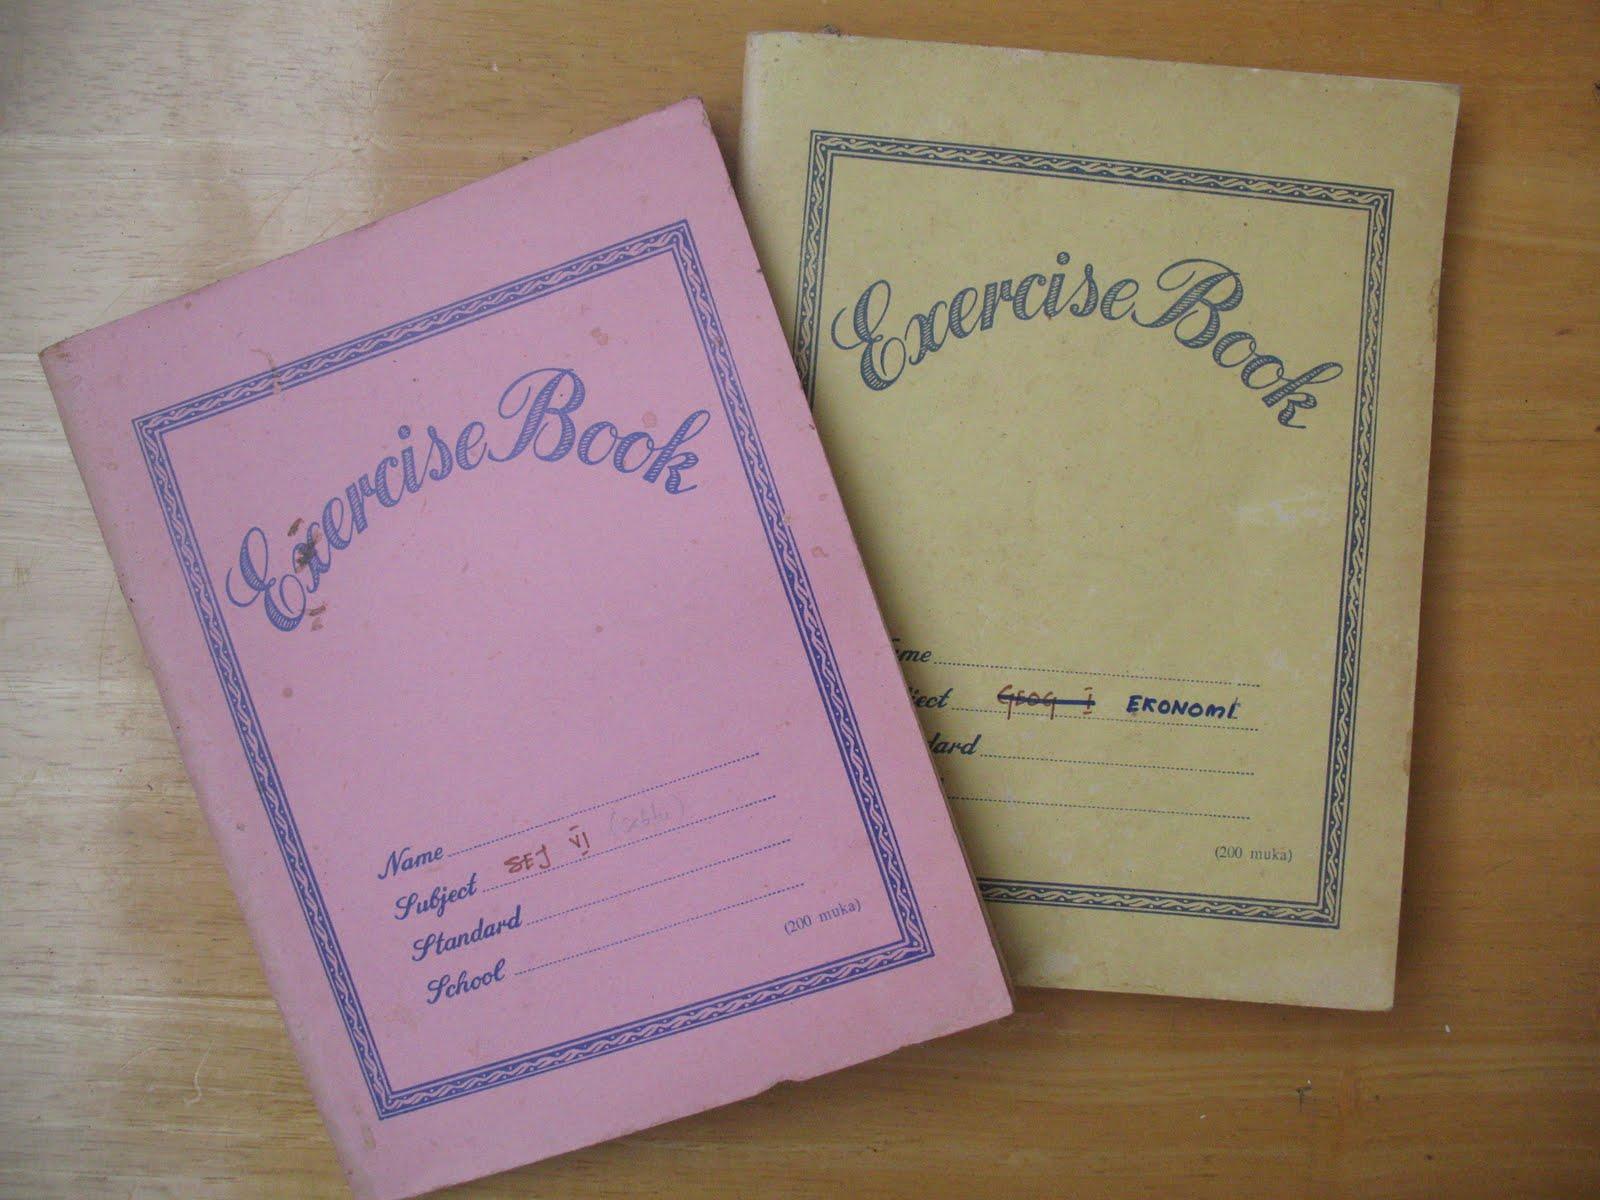 Dibeli di kedai buku biasa sahaja dan mengandungi 200 muka surat ...